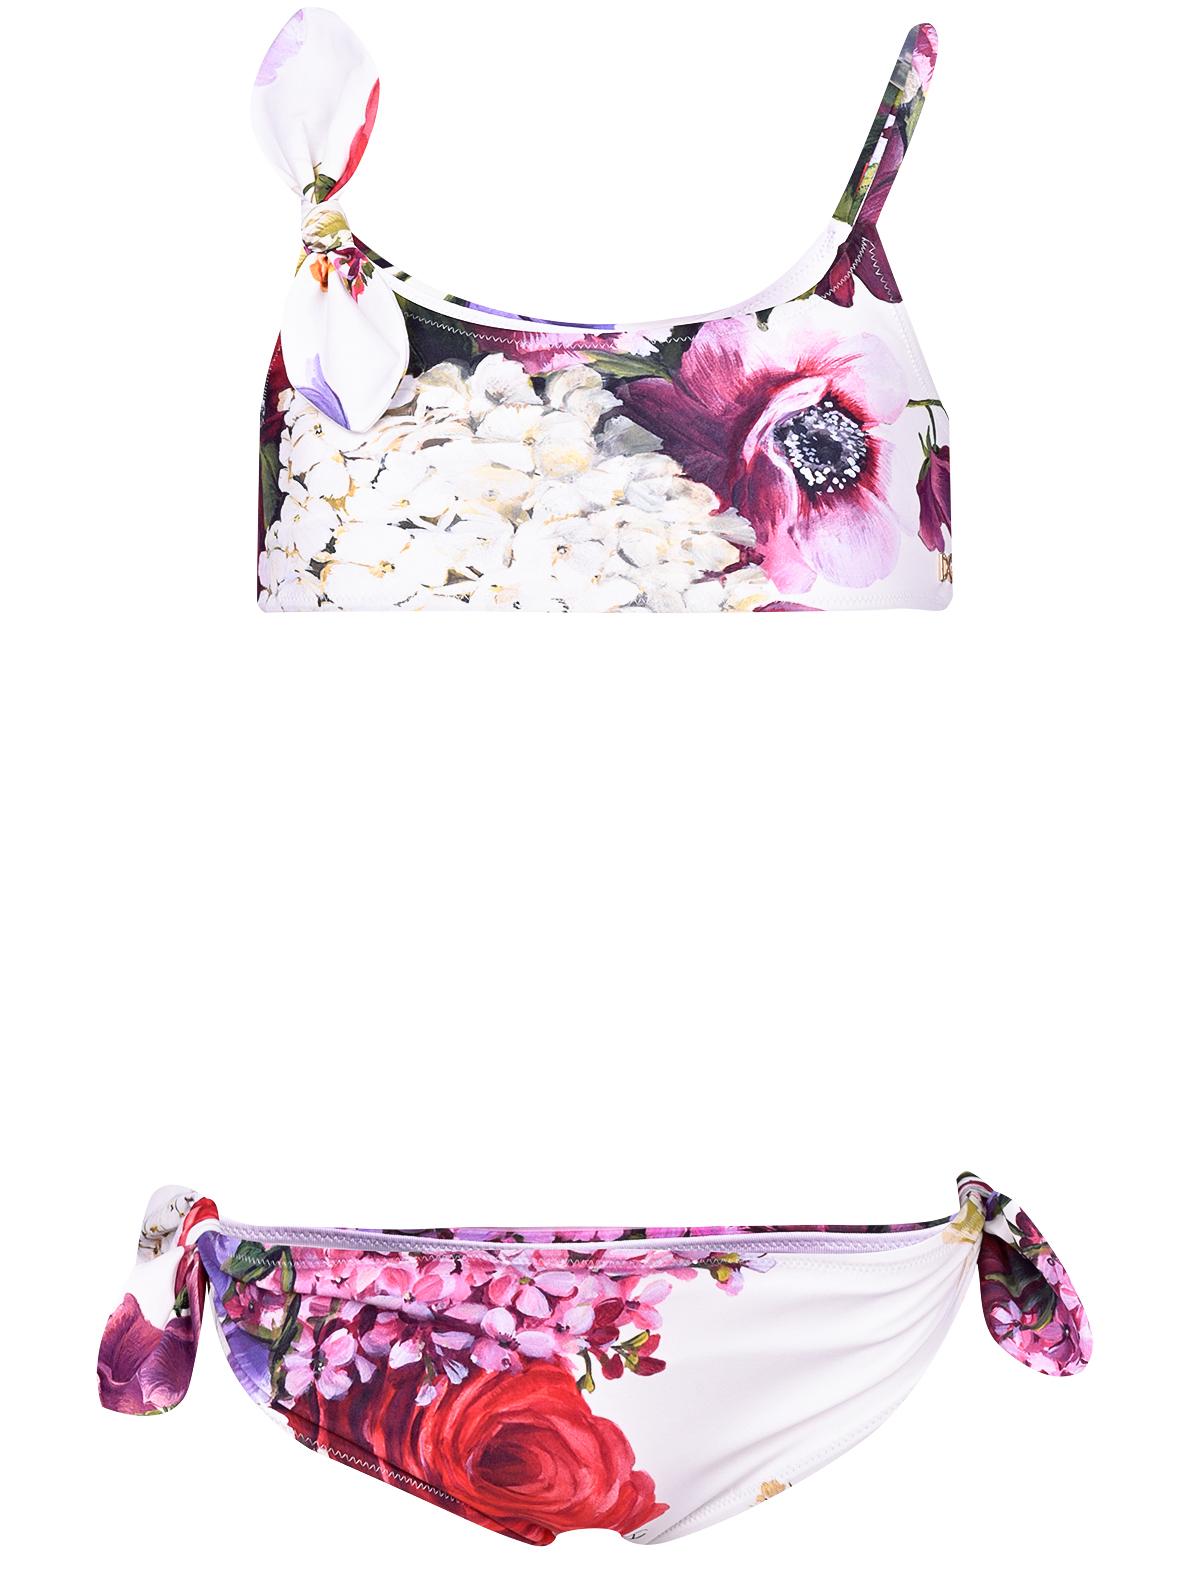 1948259, Купальник Dolce & Gabbana, белый, Женский, 0883909970205  - купить со скидкой